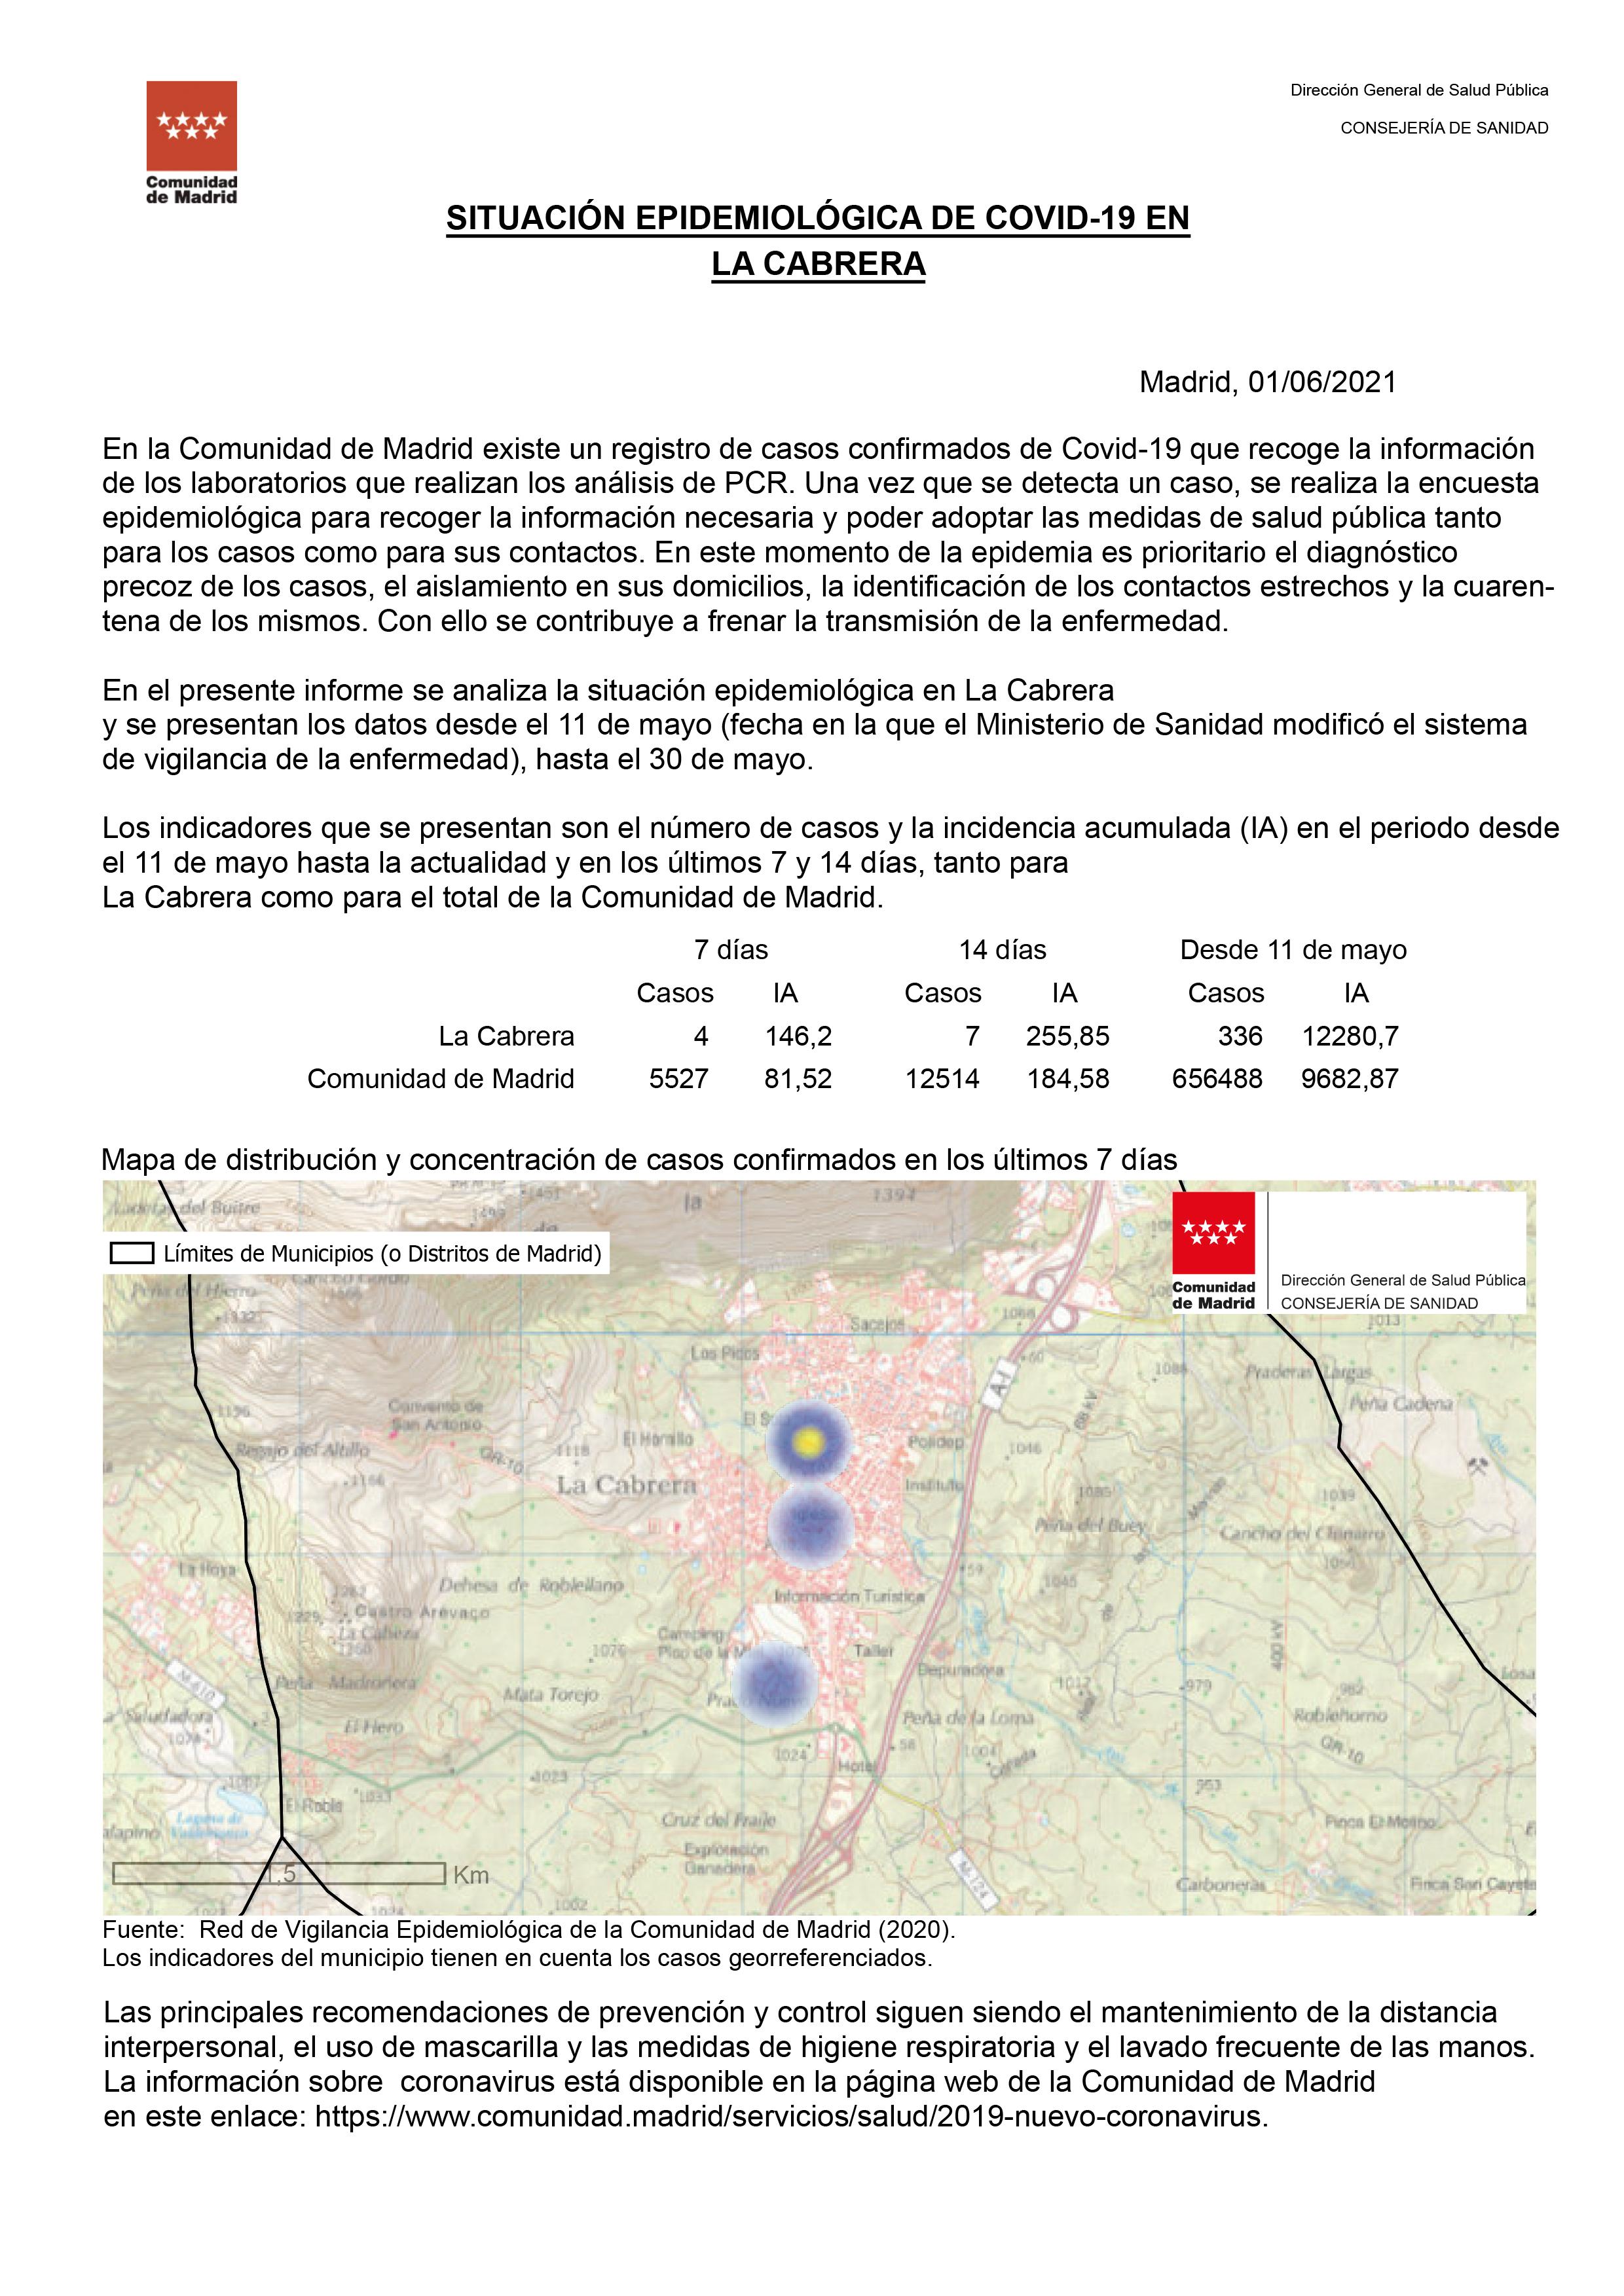 COVID19_ise_municipios__La Cabrera_01_06_21